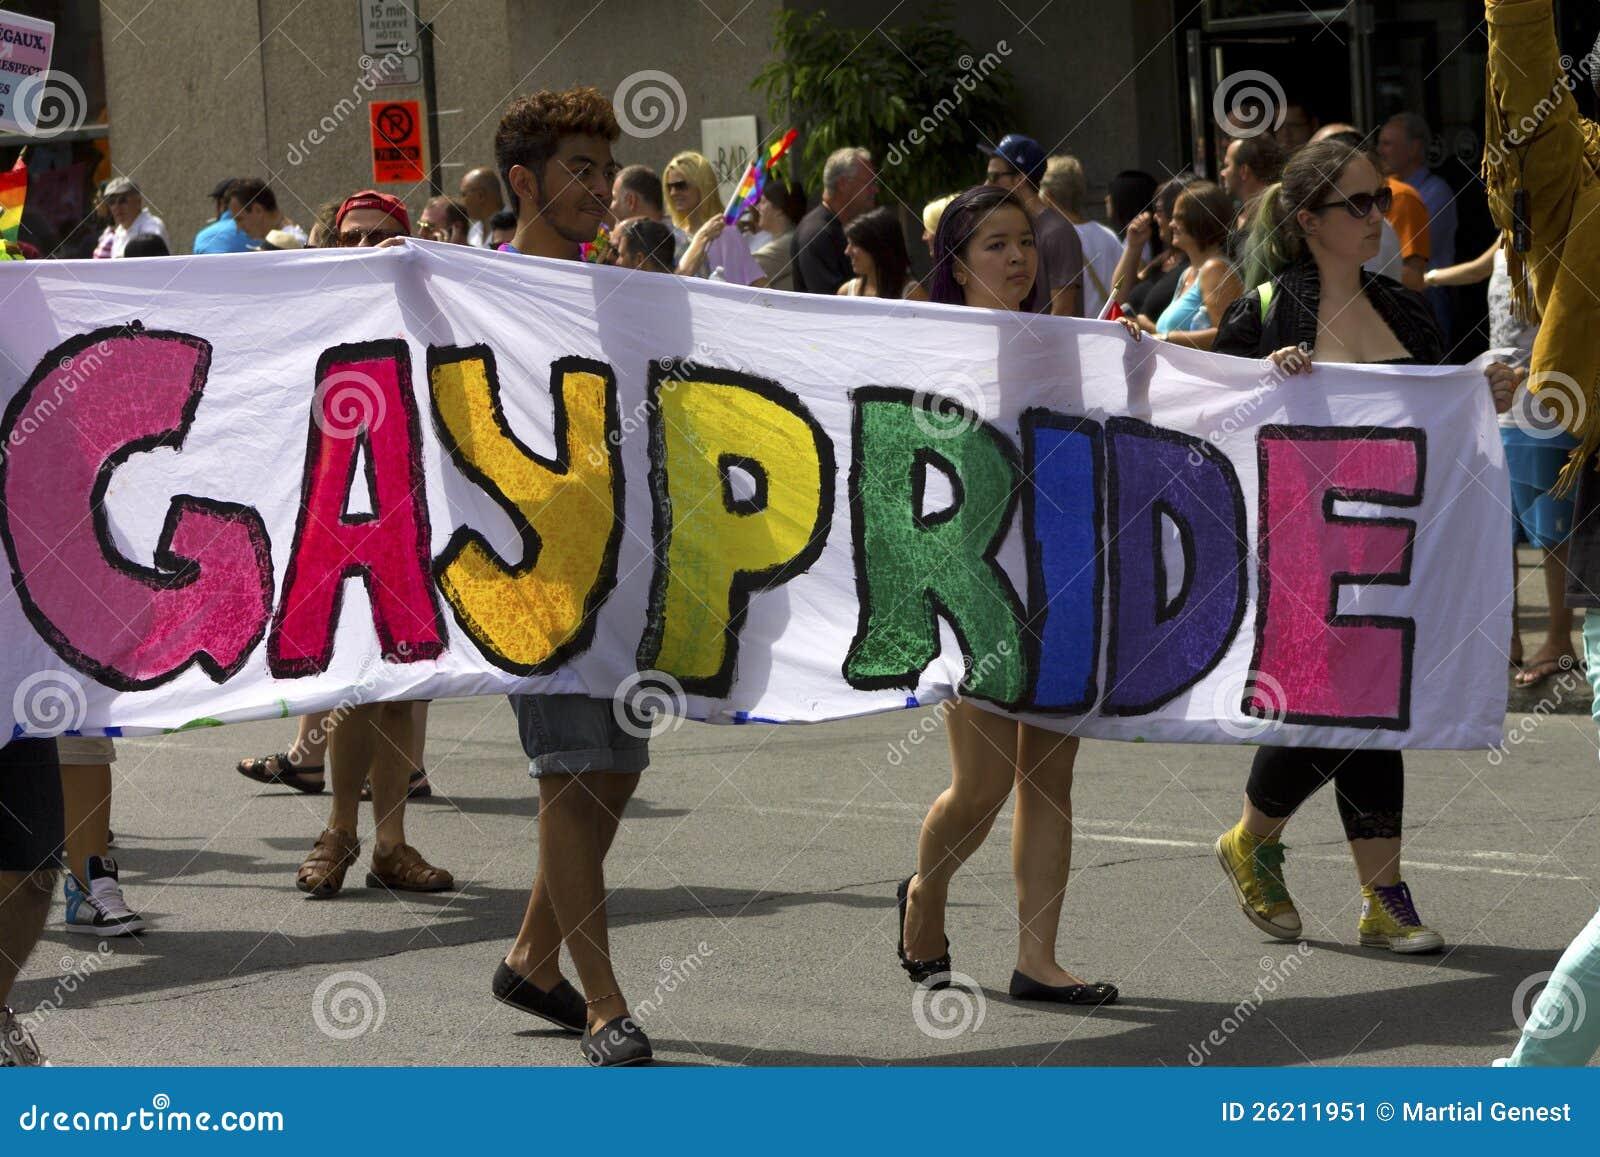 Gay pride parade date